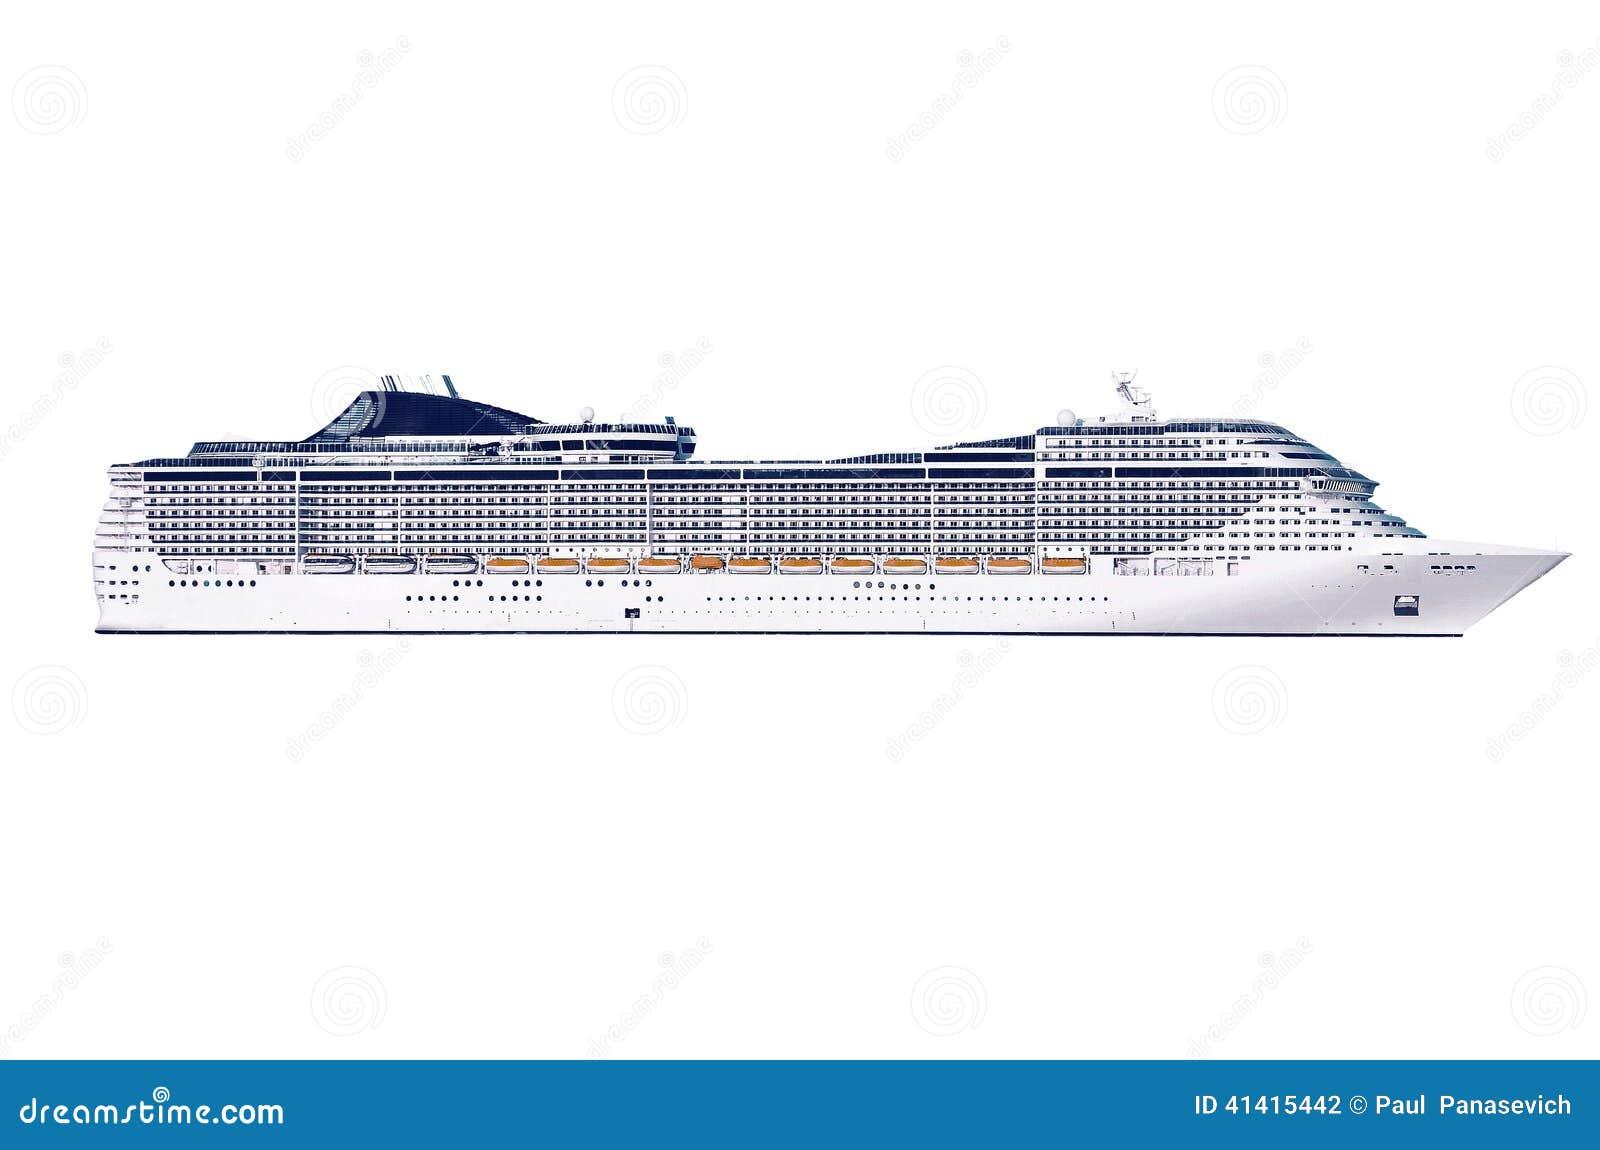 Μεγάλο κρουαζιερόπλοιο σε ένα άσπρο υπόβαθρο